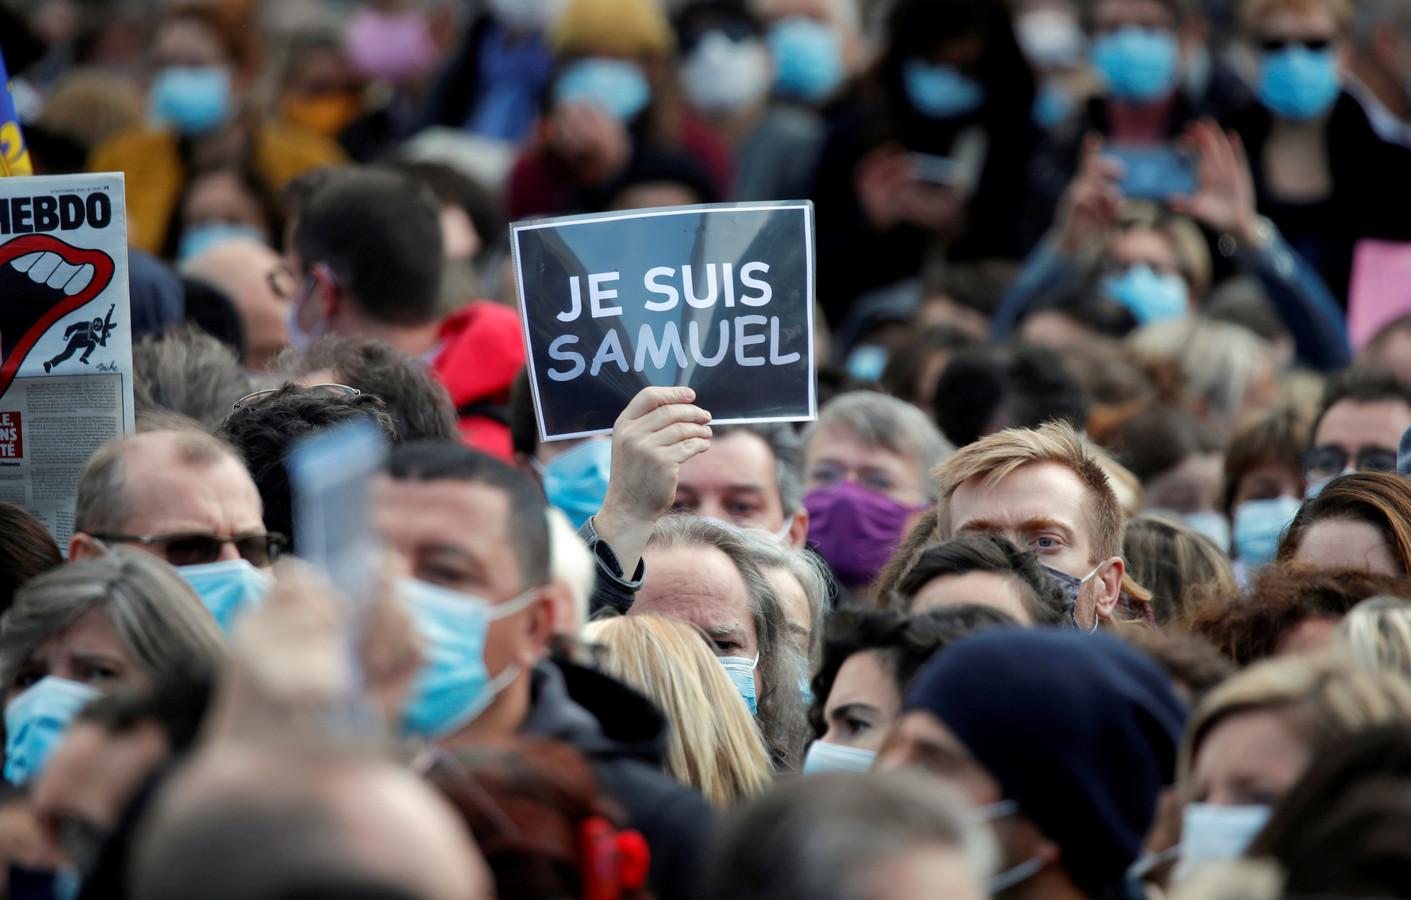 Manifestation en hommage à Samuel Paty (Paris, place de la République in Paris, 18 octobre)